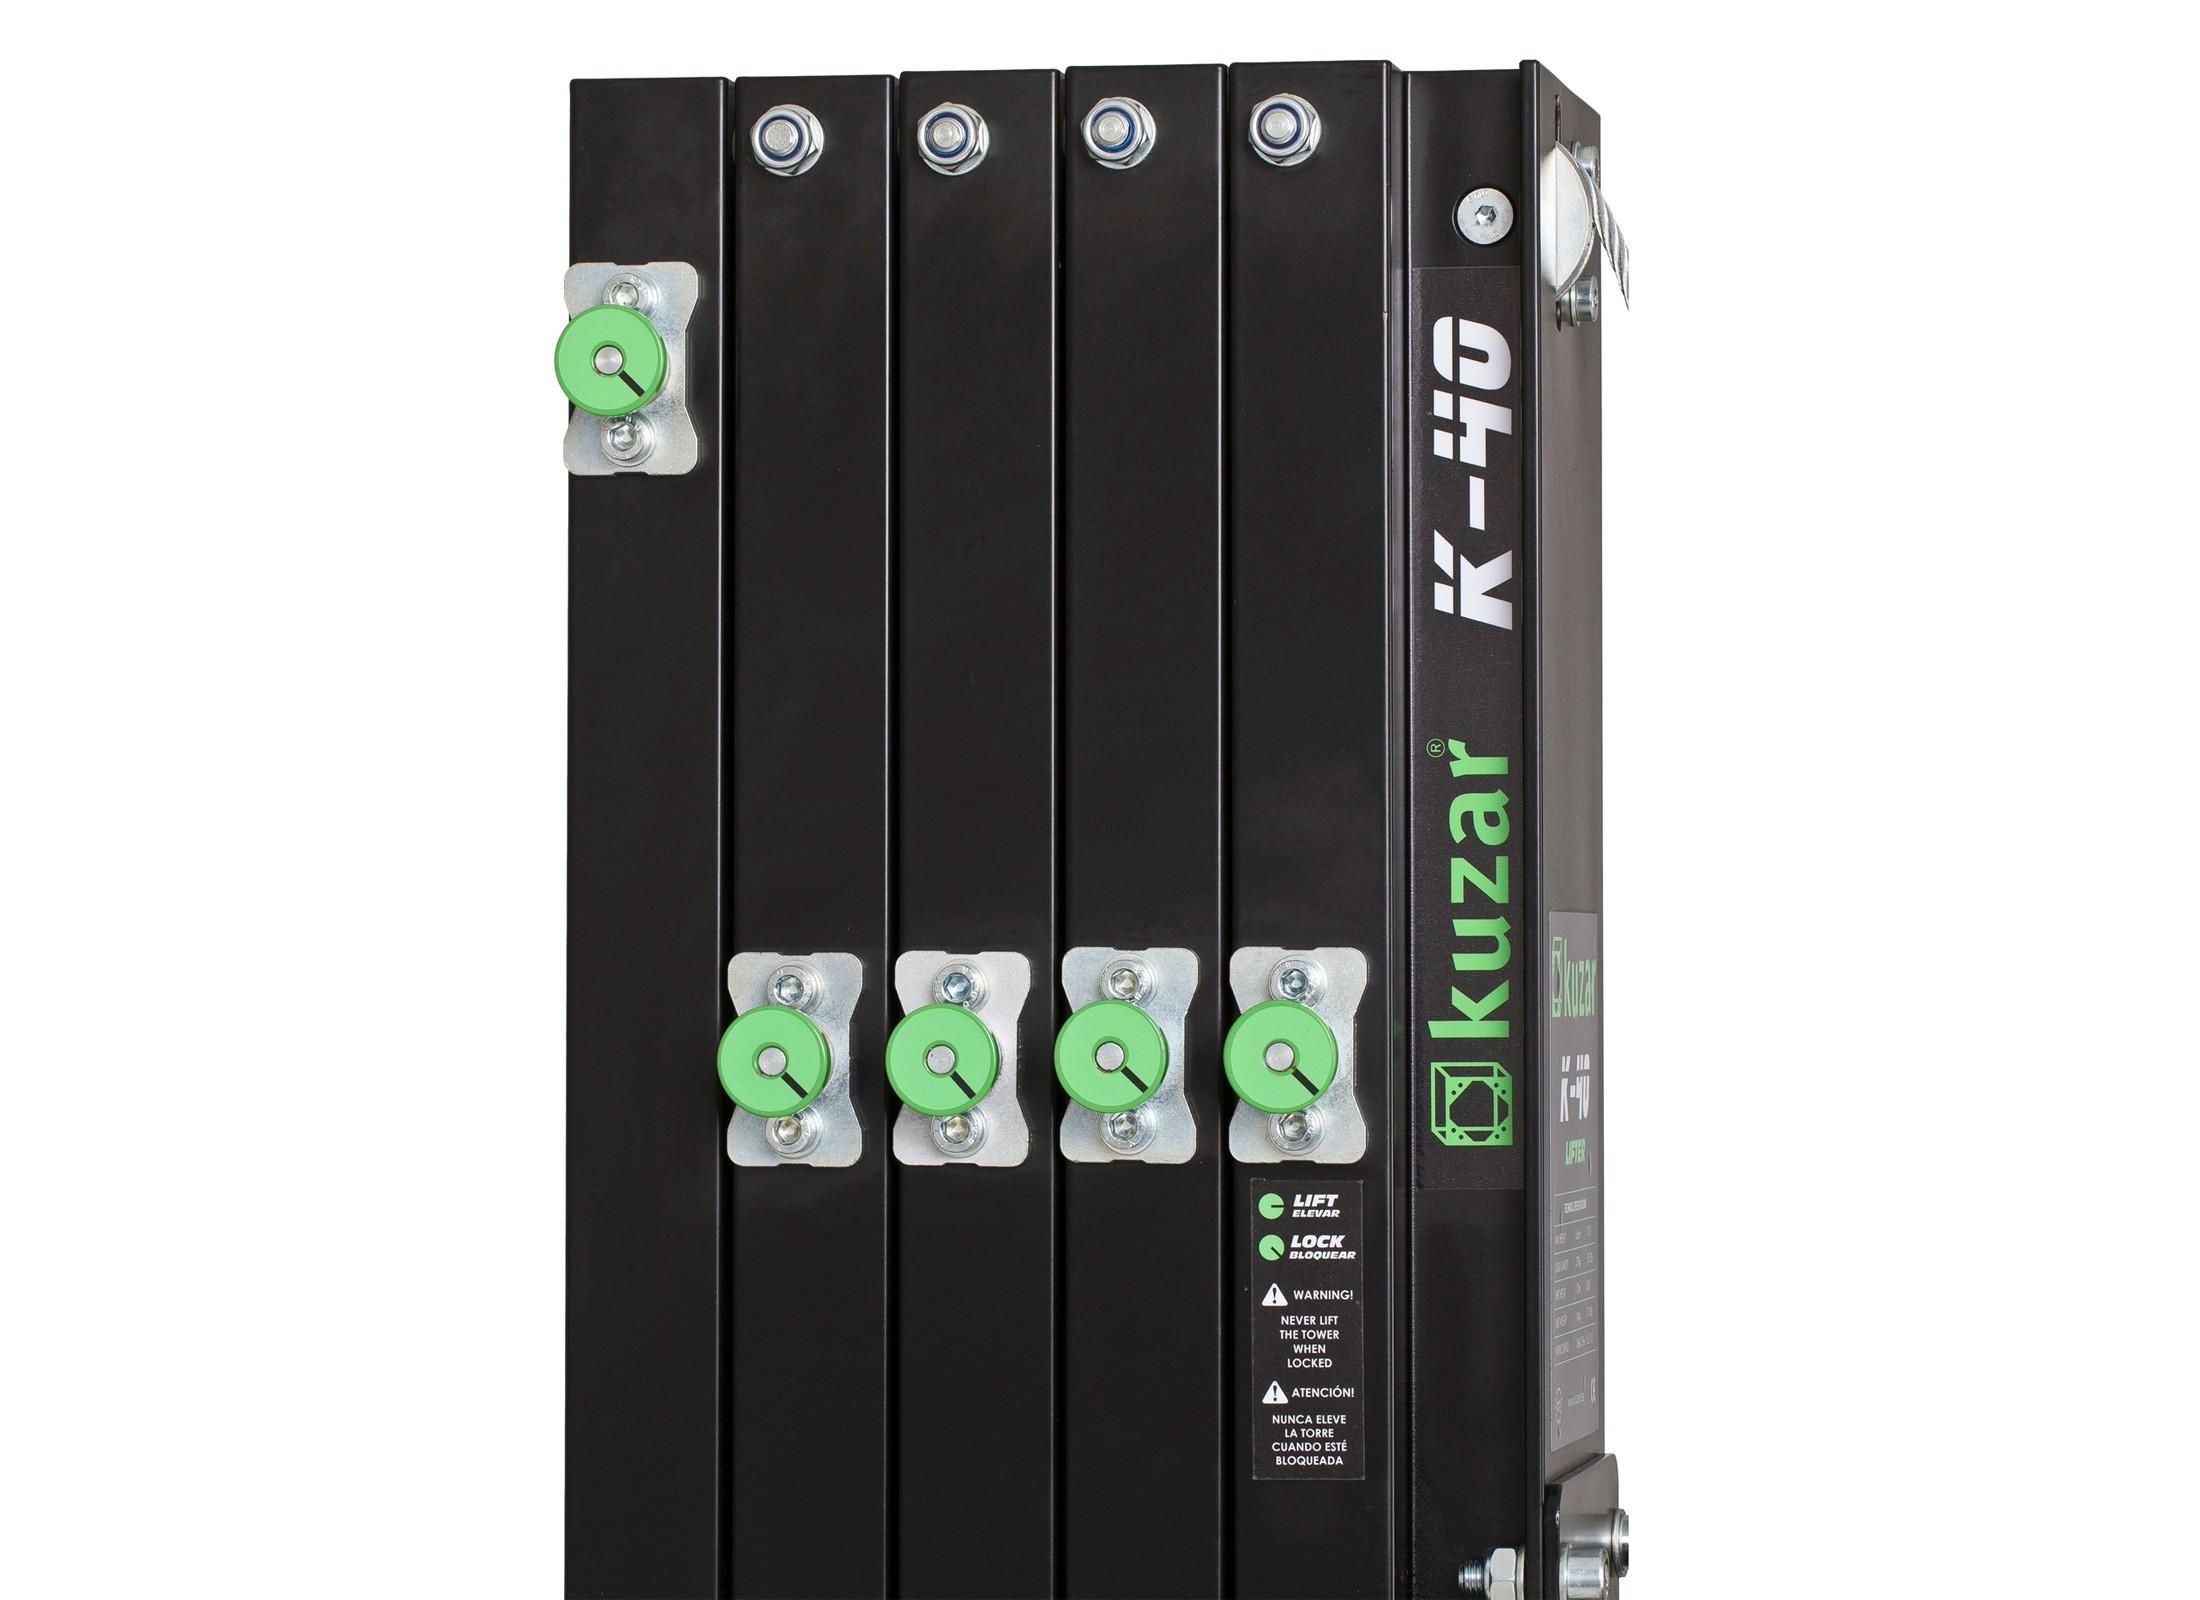 Kuzar k40 sw stativ lift schwarz günstig online kaufen bei huss